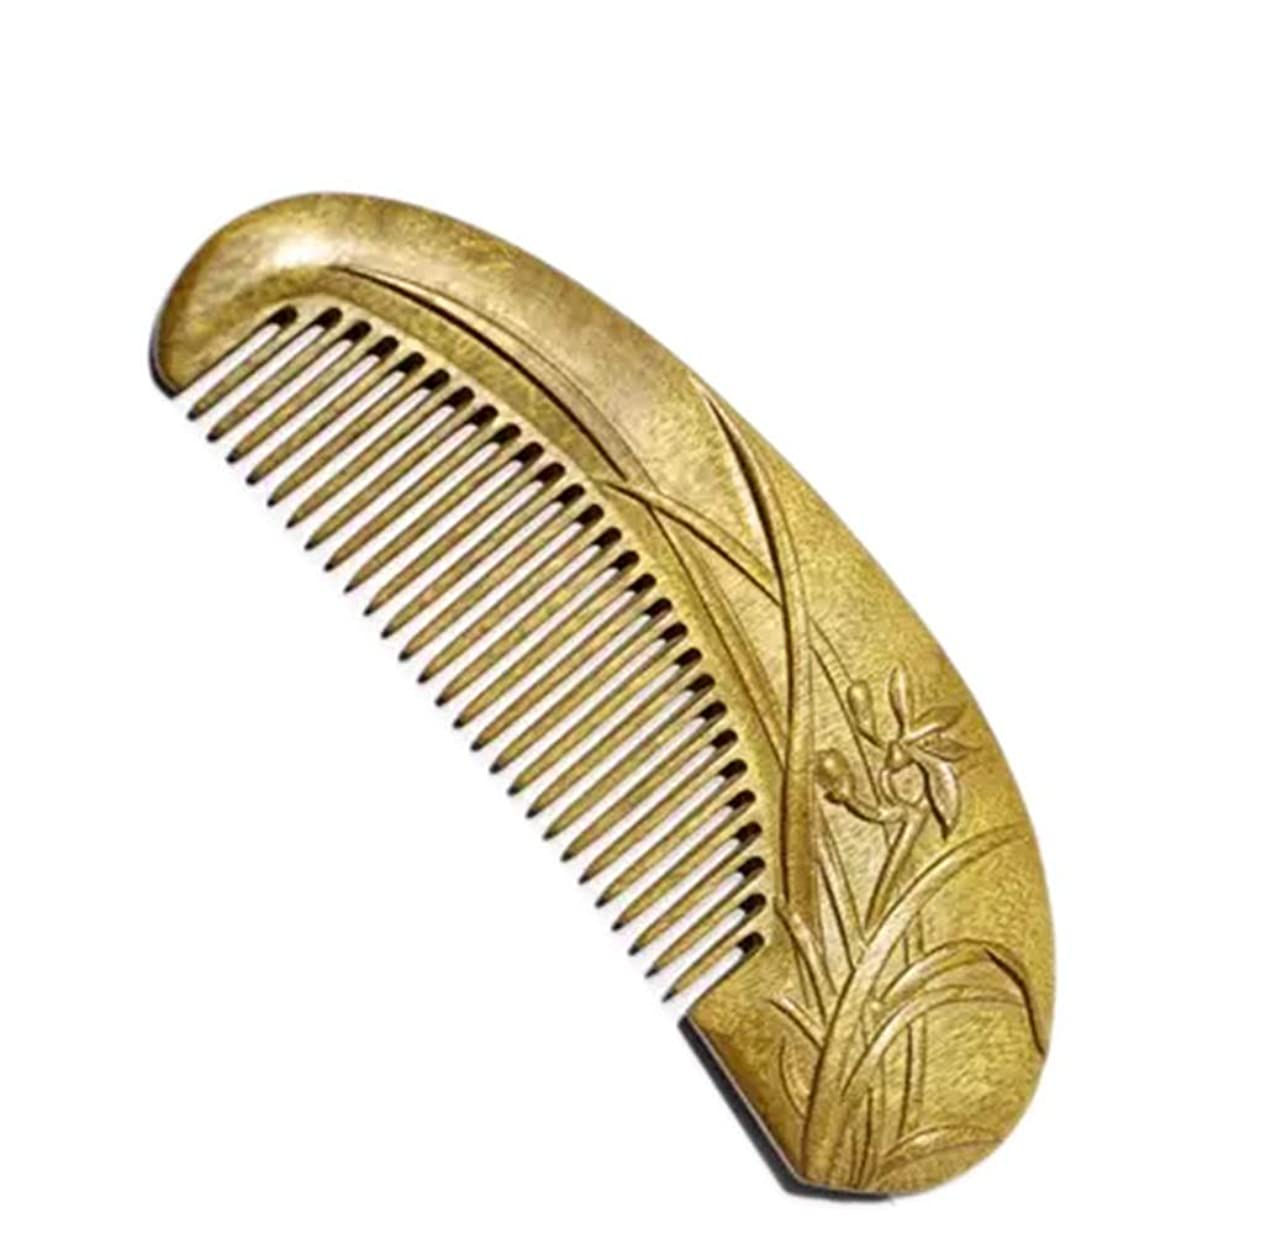 インディカ飼いならす火曜日Fashian手彫りの蘭の櫛/黒檀のフィービーの櫛は友達に送ることができます モデリングツール (色 : ゴールド)